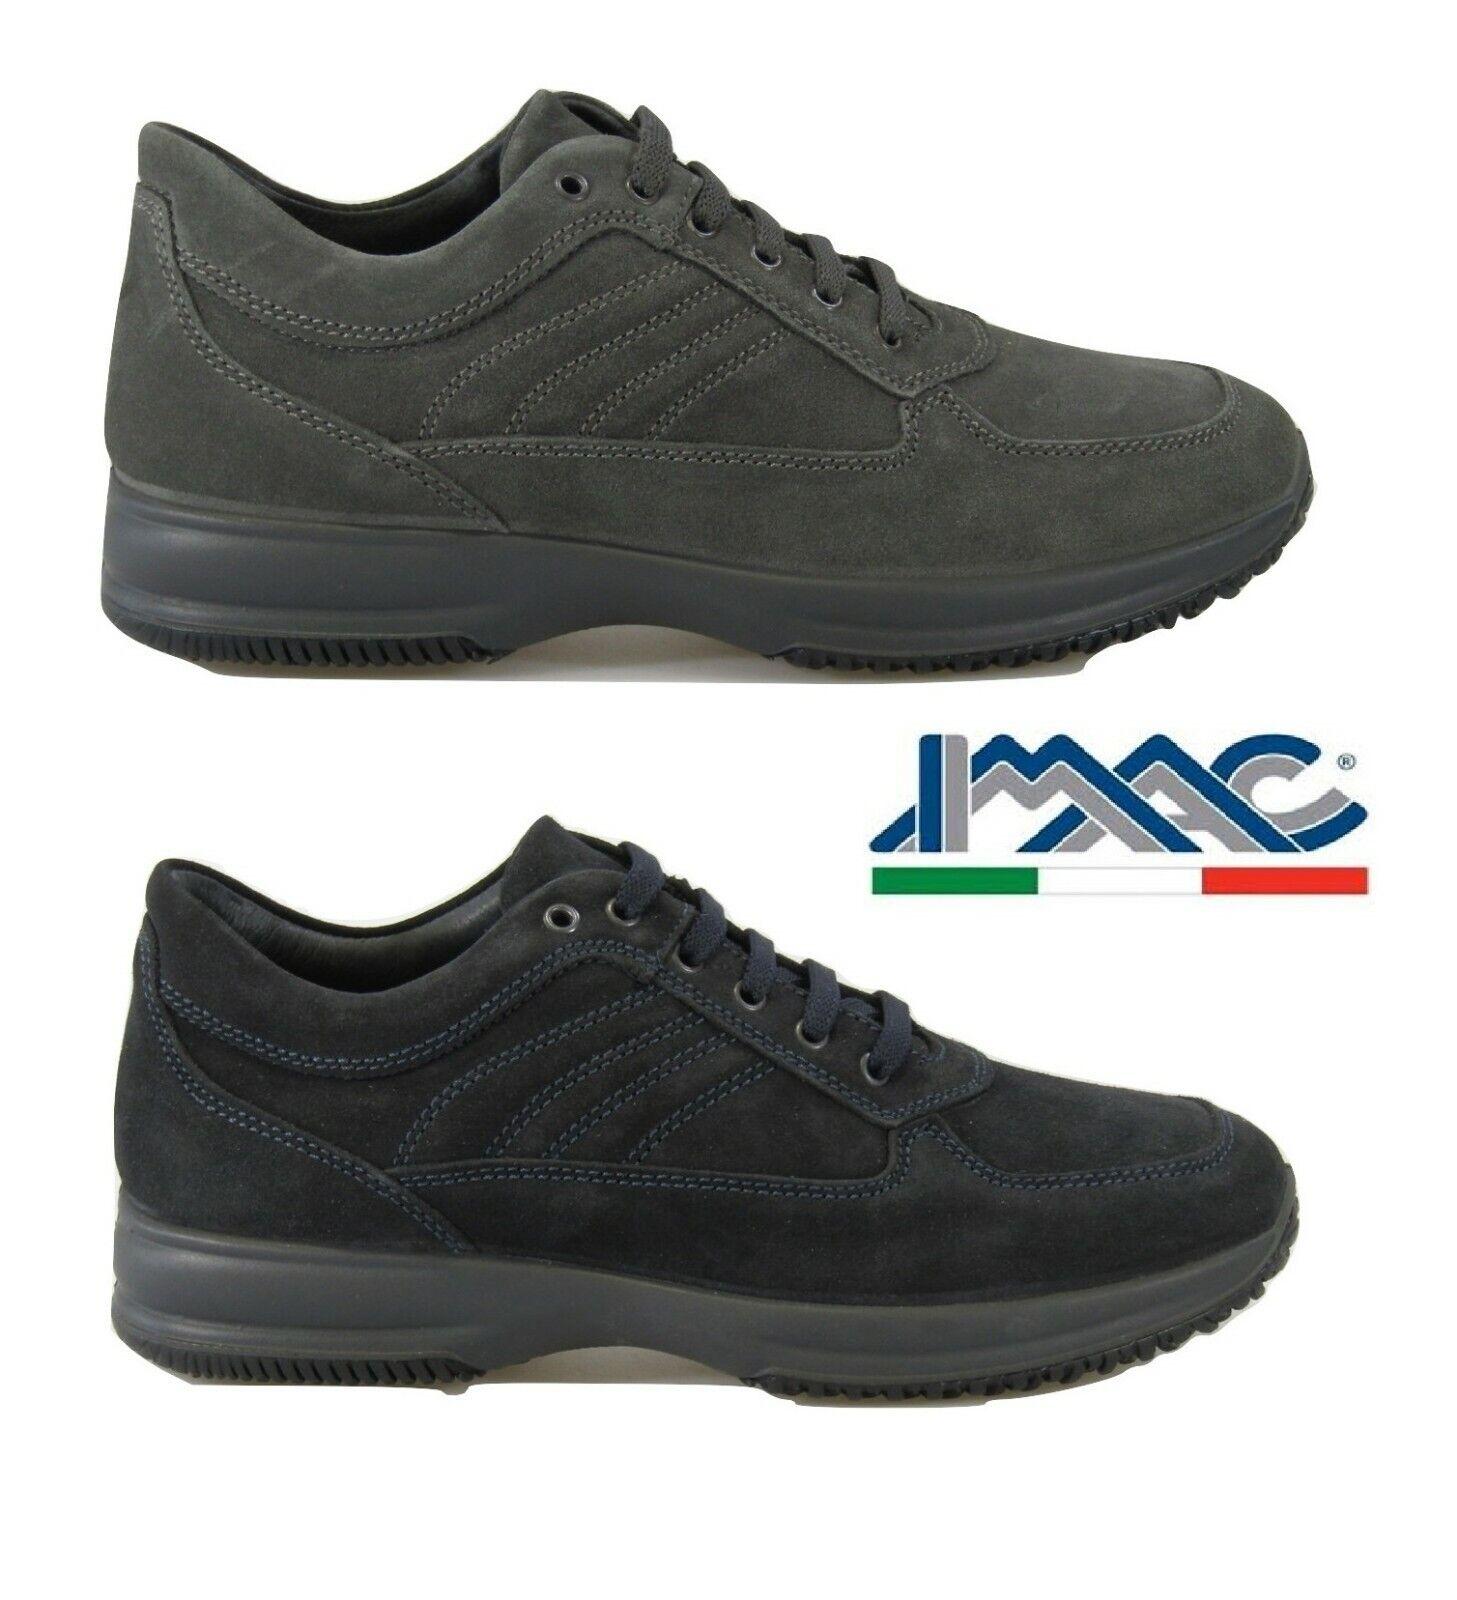 Schuhe Men IMAC Winter Casual aus Wildleder Klassische mit Schnürung Sohle Hoch